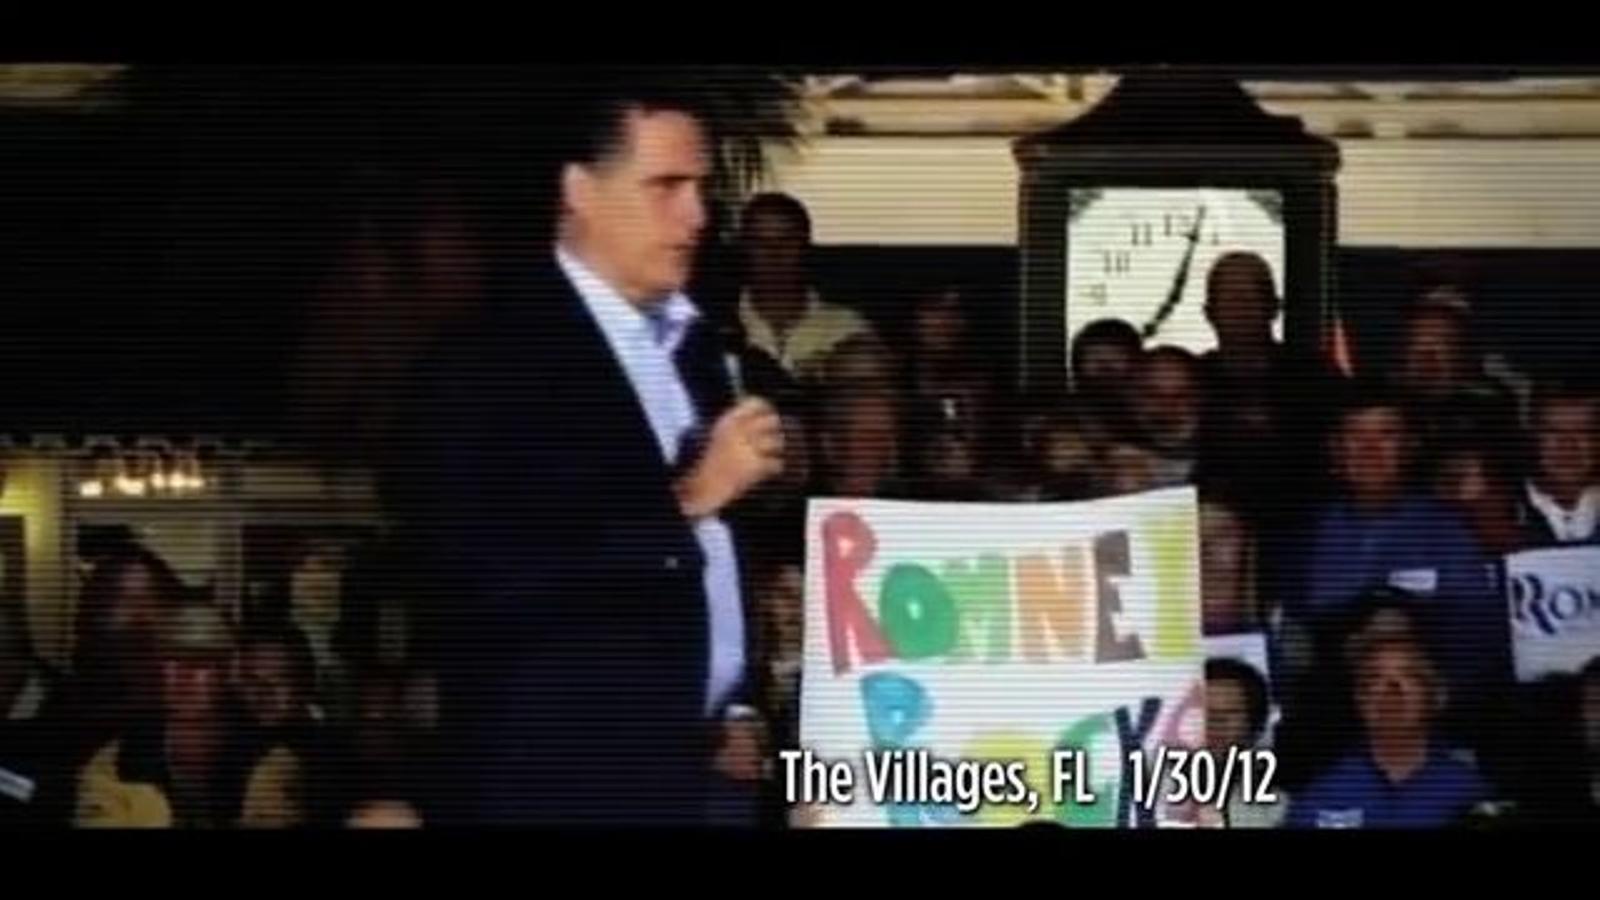 Anunci de la campanya d'Obama en què es mostra Romney cantant 'America The Beautiful', mentre es recorda el seu passat empresarial